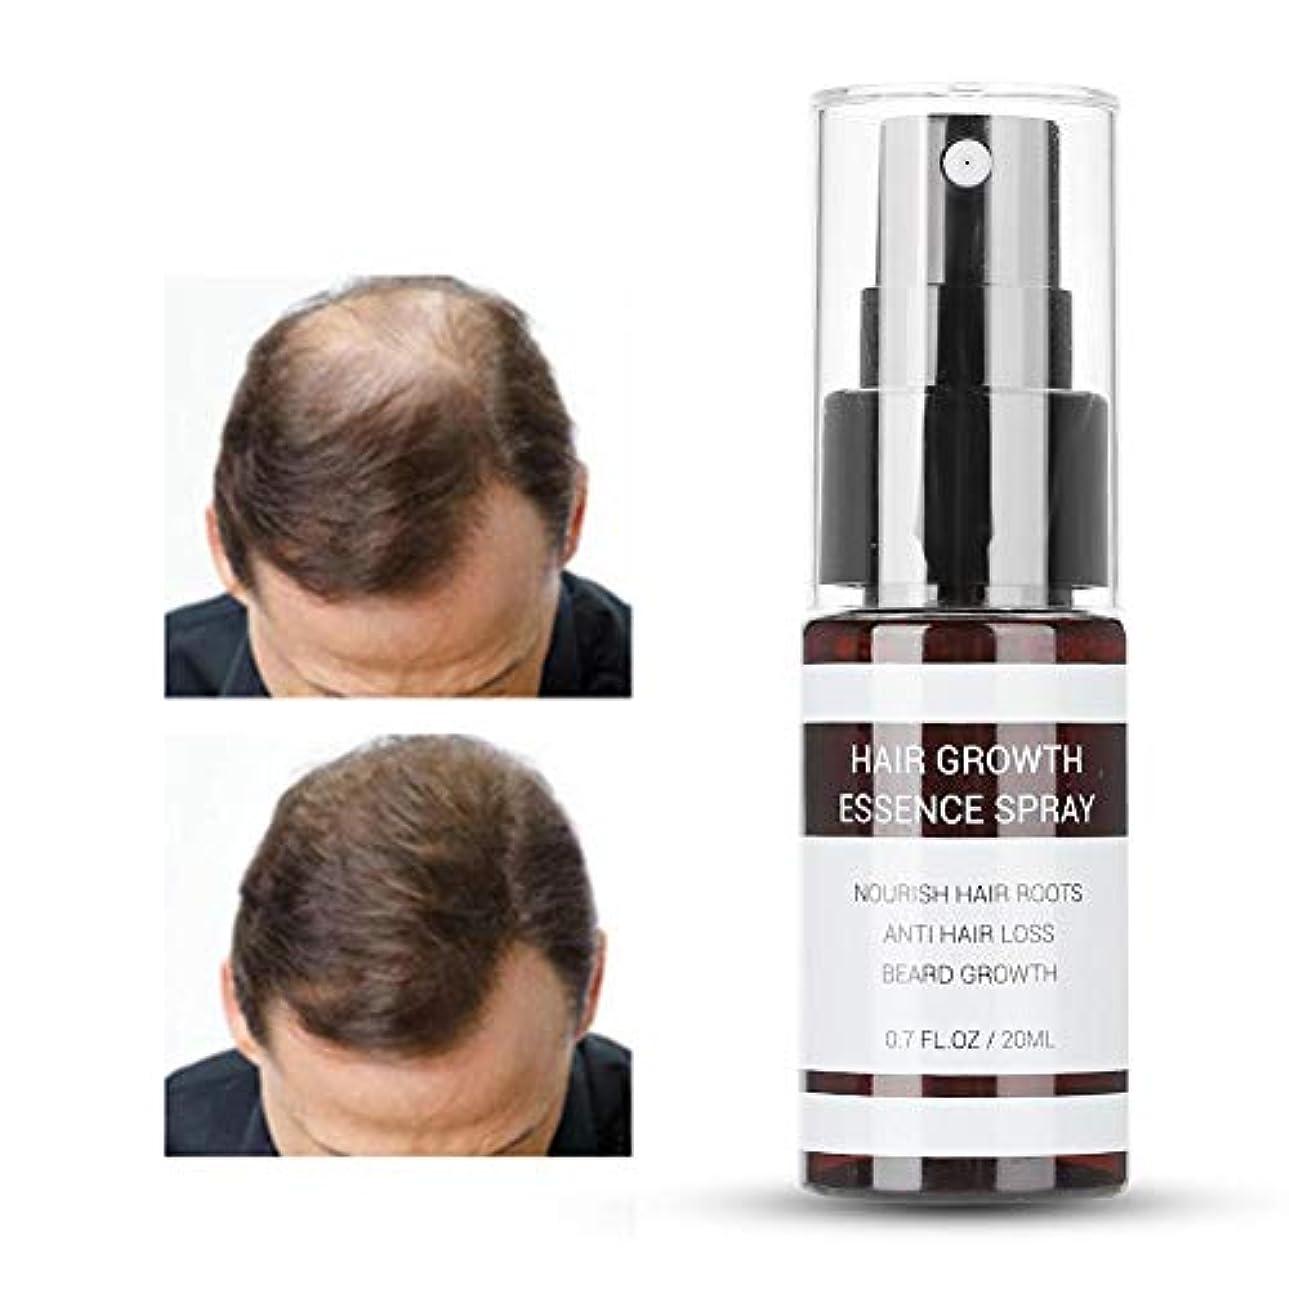 スナックインク果てしない20ML育毛スプレー天然植物成分 育毛液 ヘアトリートメントエッセンス 毛根の質を高め メラニン合成を促進し